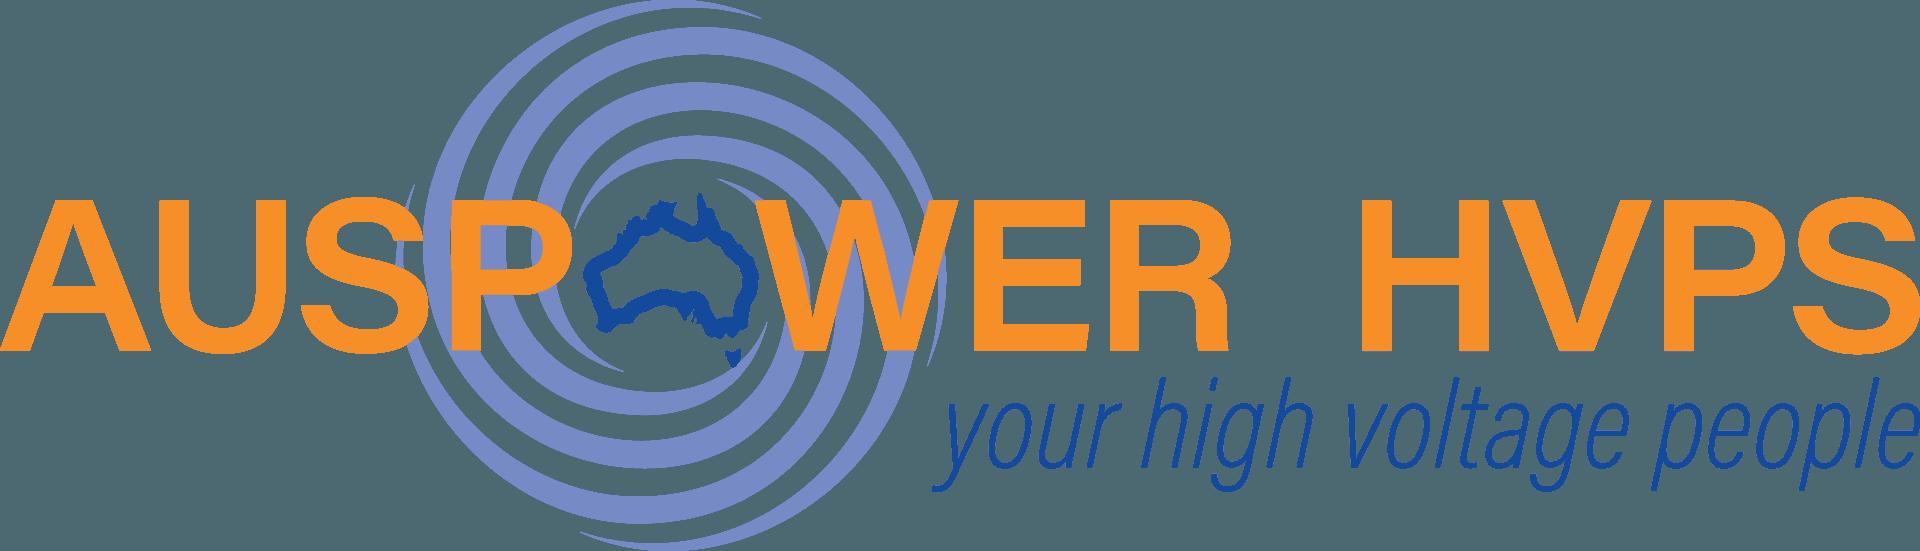 auspower hvps logo